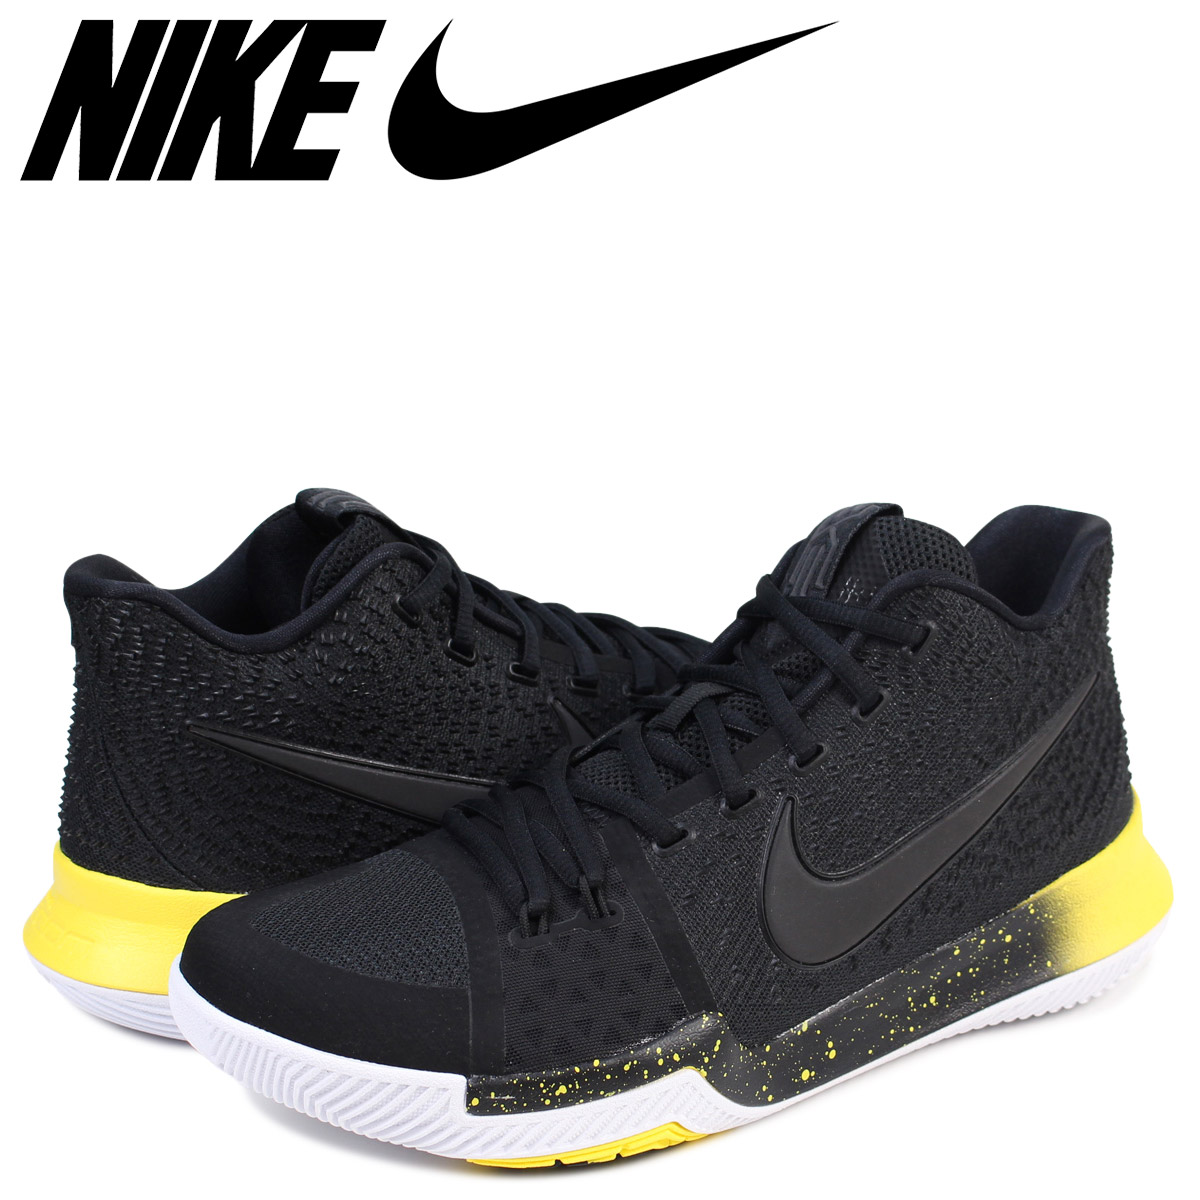 hot sale online 02966 dee97 NIKE Nike chi Lee 3 sneakers KYRIE 3 EP 852,396-901 men's shoes black